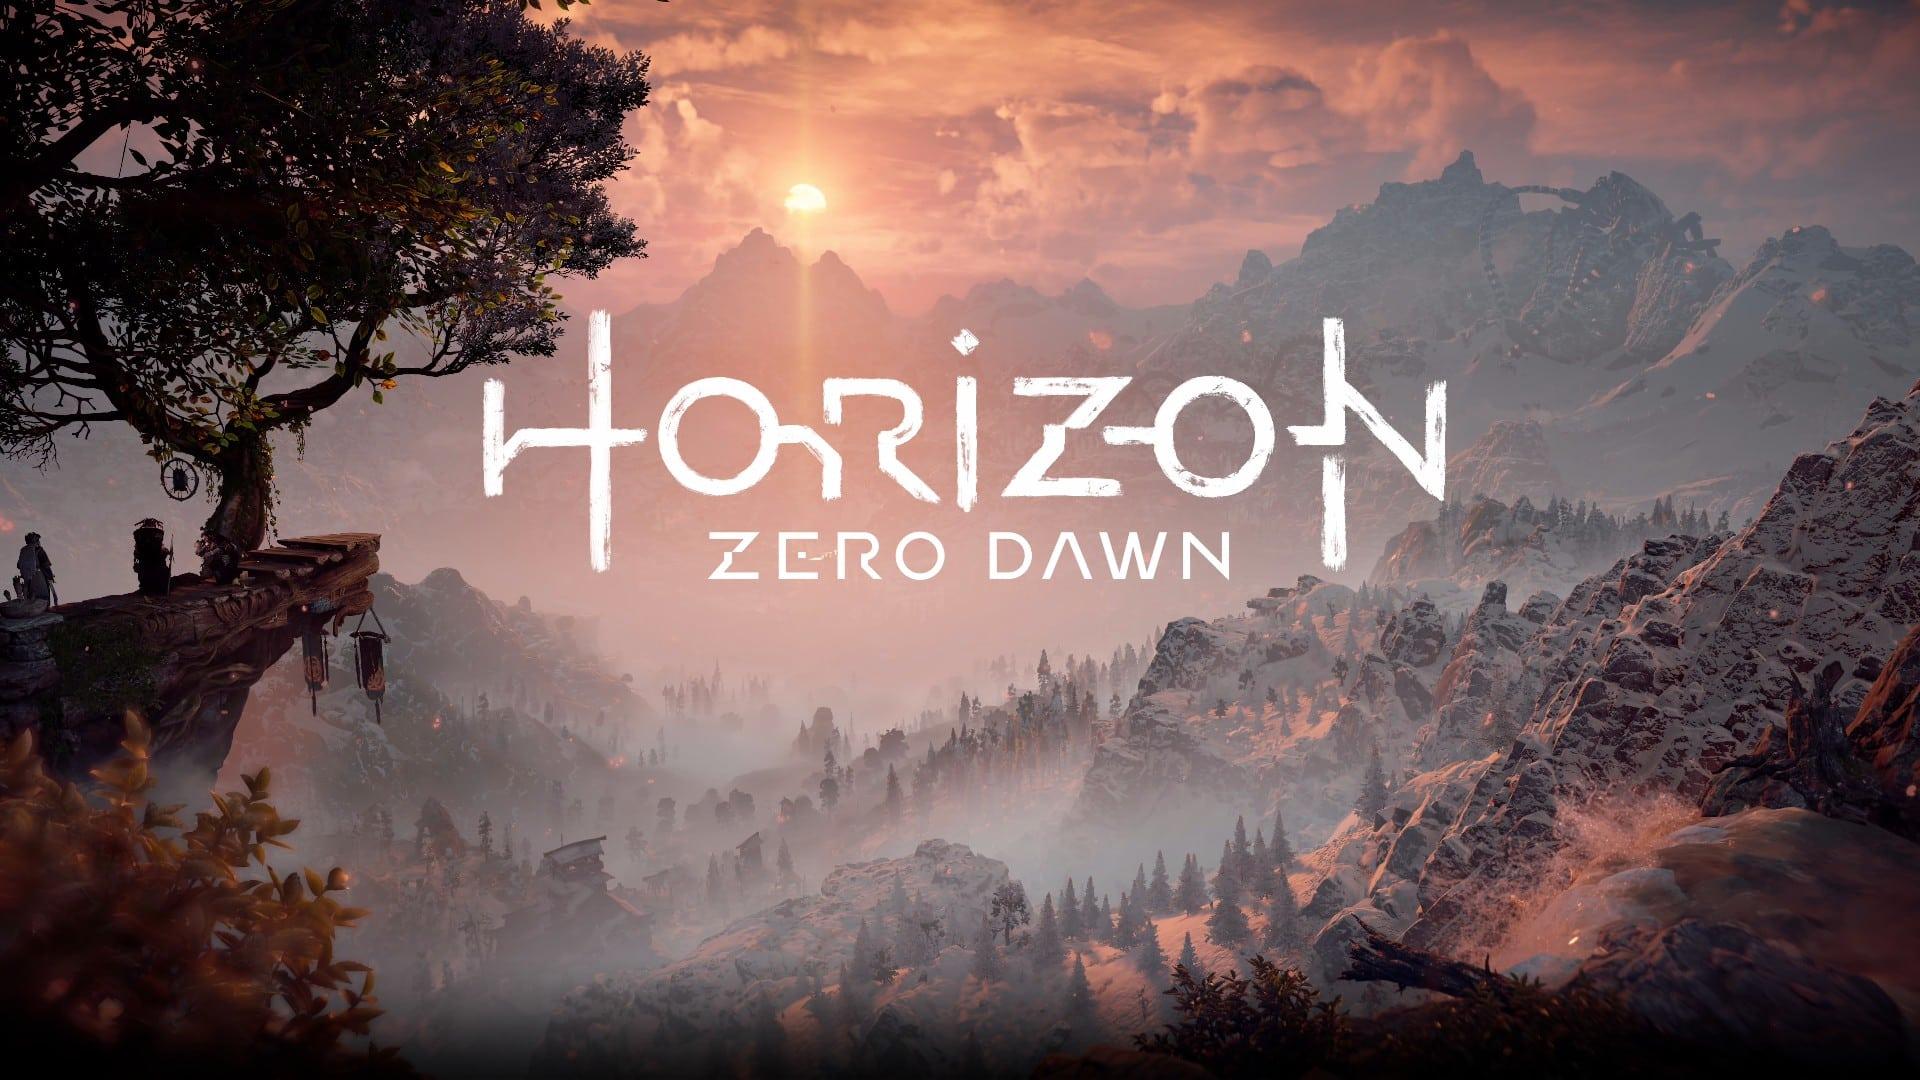 Horizon Zero Dawn intro